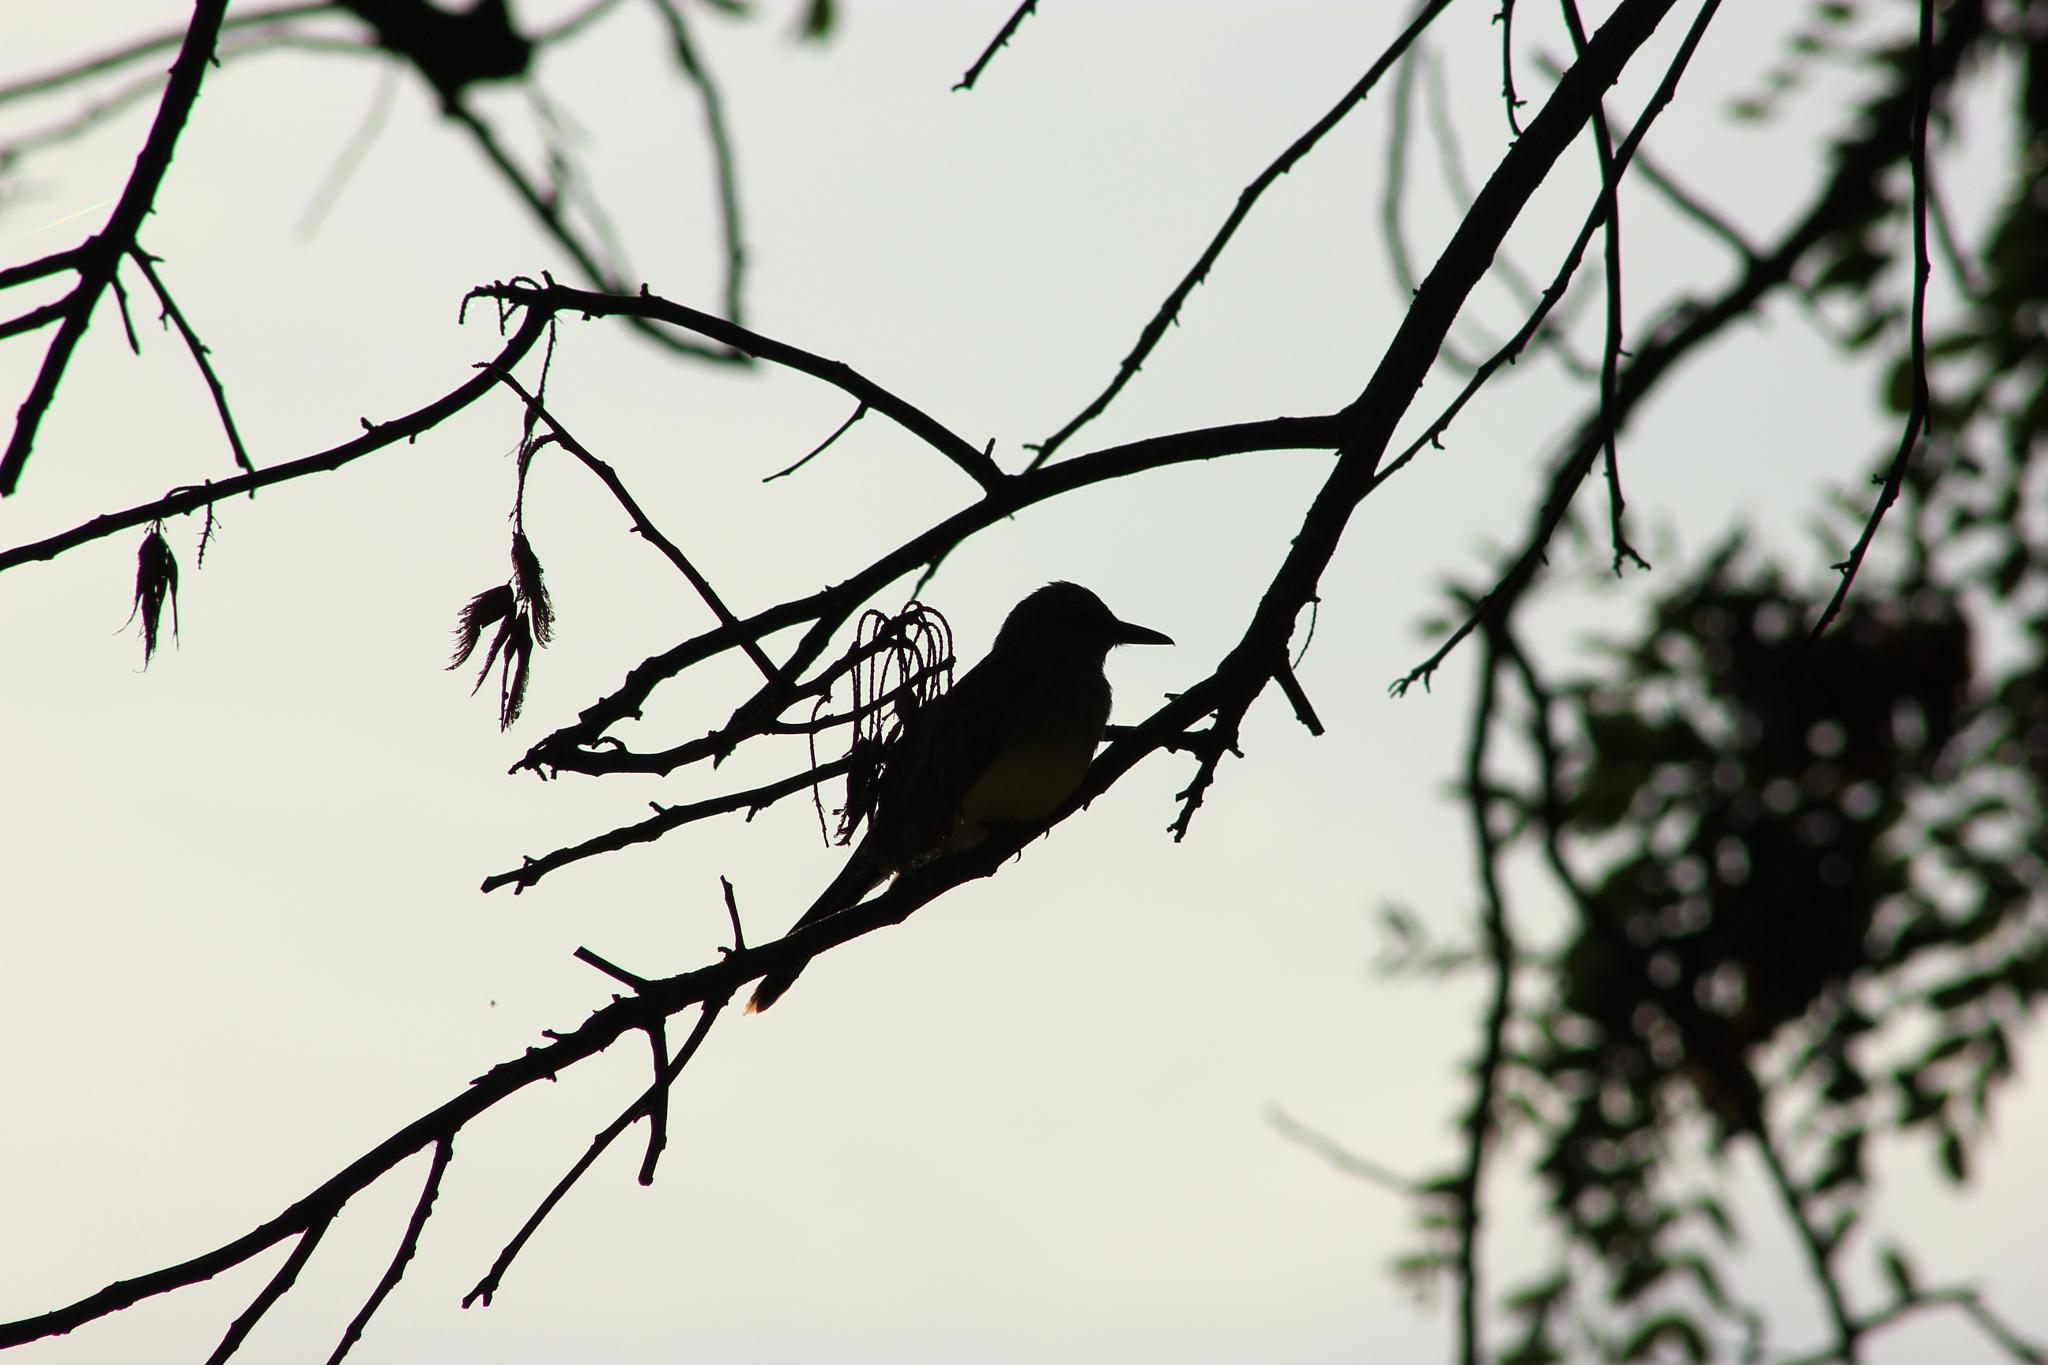 Bird by Ricardo Pacheco